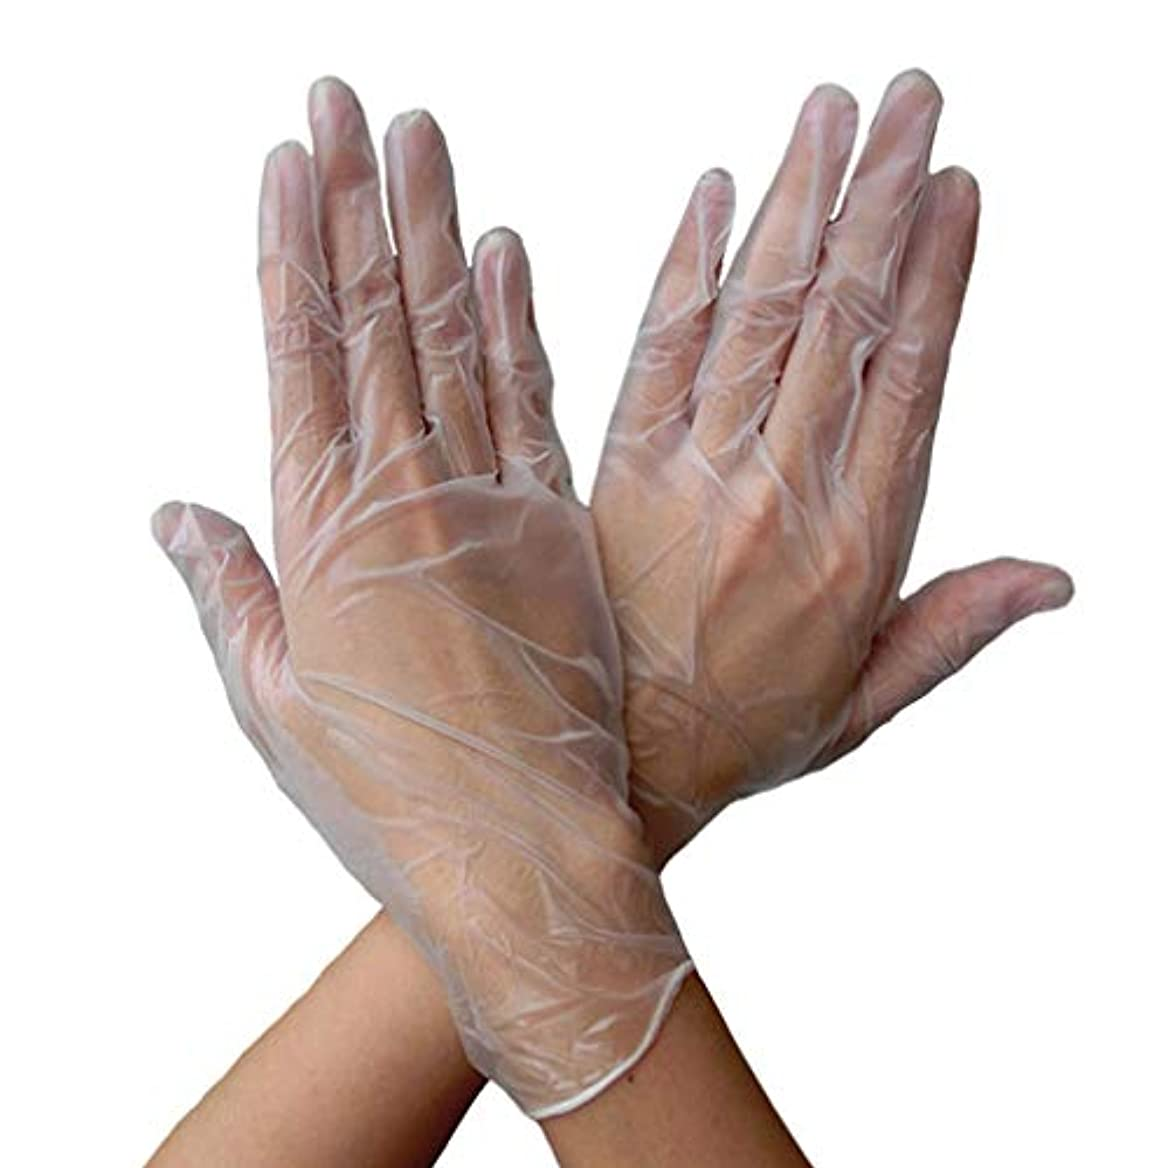 ピッチャーマーティフィールディングカタログHonel 使い捨て手袋 タトゥー/歯科/病院/研究室に適応 薄い PVC 手袋 高耐久 ホワイト 両手用 使い捨て手袋 50枚 ホワイト L